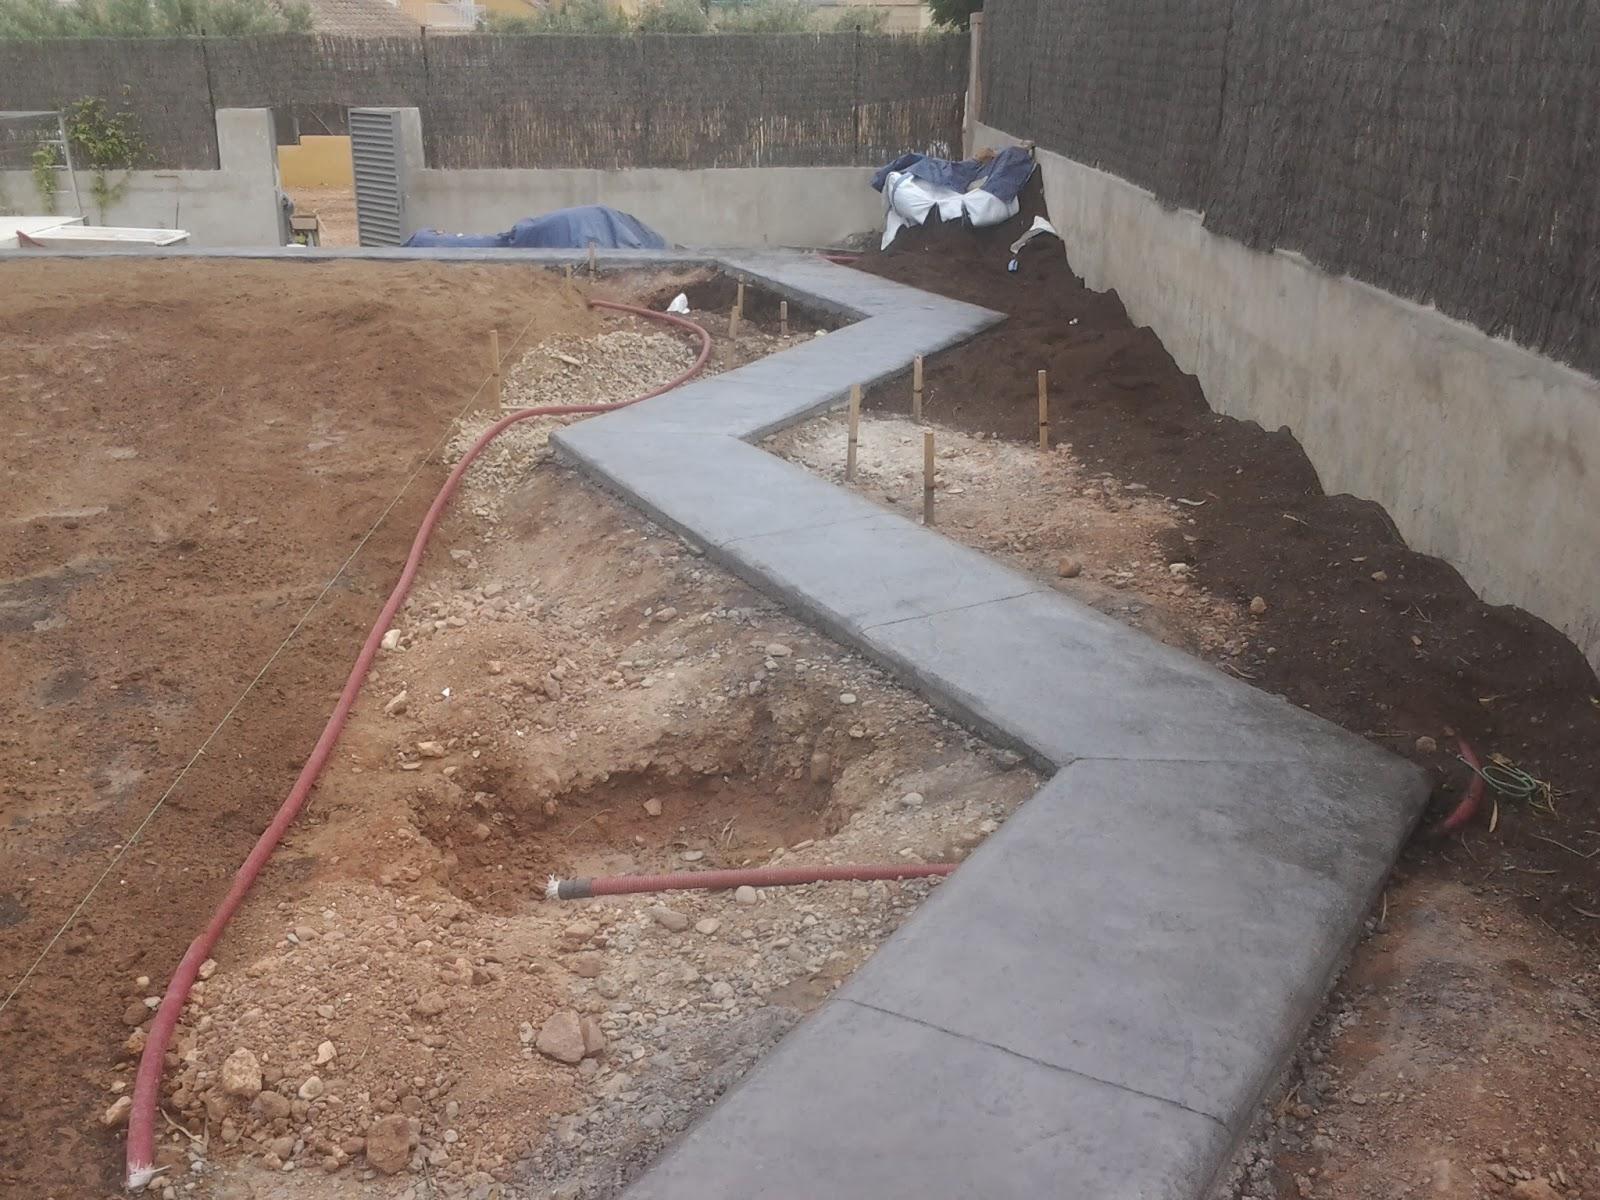 Sendero de hormig n impreso en jardin pavimentos - Jardineras de cemento ...